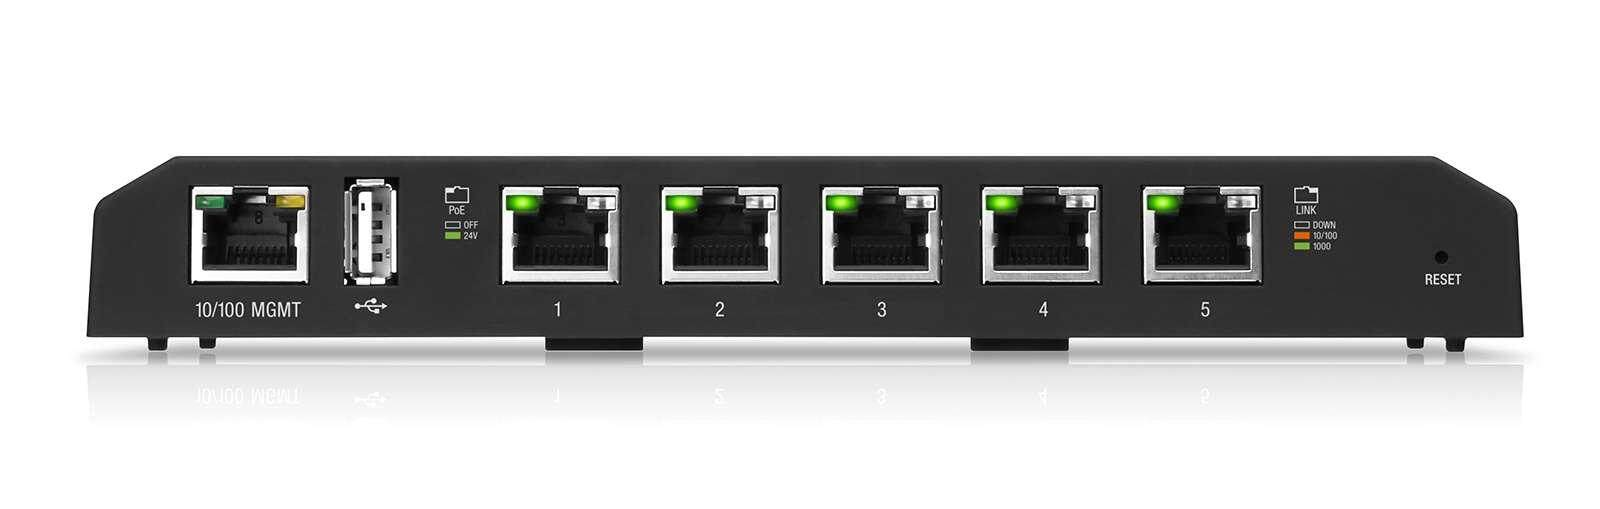 ขายดีมาก! UBiQUiTi EdgeSwitch 5 XP (ES-5XP) - 5-Port Gigabit 1000 Mbps  24VDC Passive  (Max 11.5 W/Port) Advanced Power Over Ethernet Switches  shipping by kerry